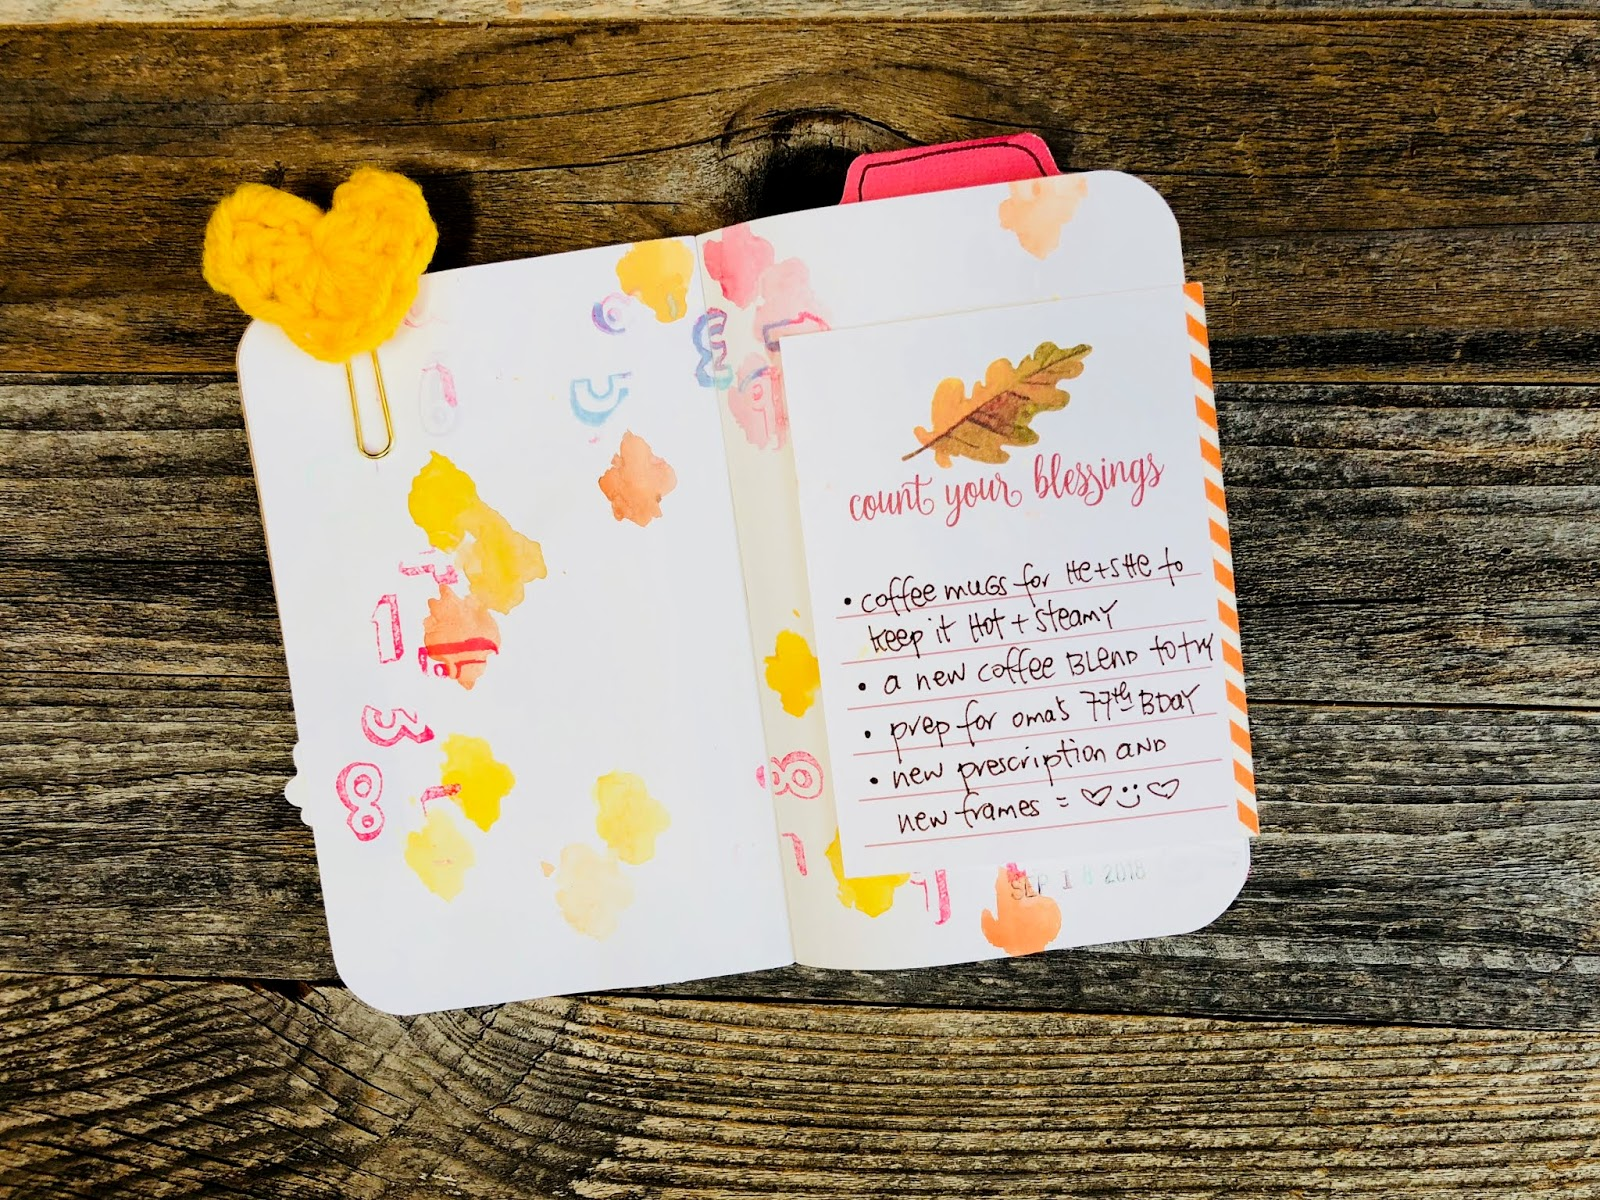 #Gratitude Journal #Grateful #Gratitude #Journal #notebook #Things I Am Thankful For #Thankful  #Mixed Media Journal  #art journaling #Junk Journal